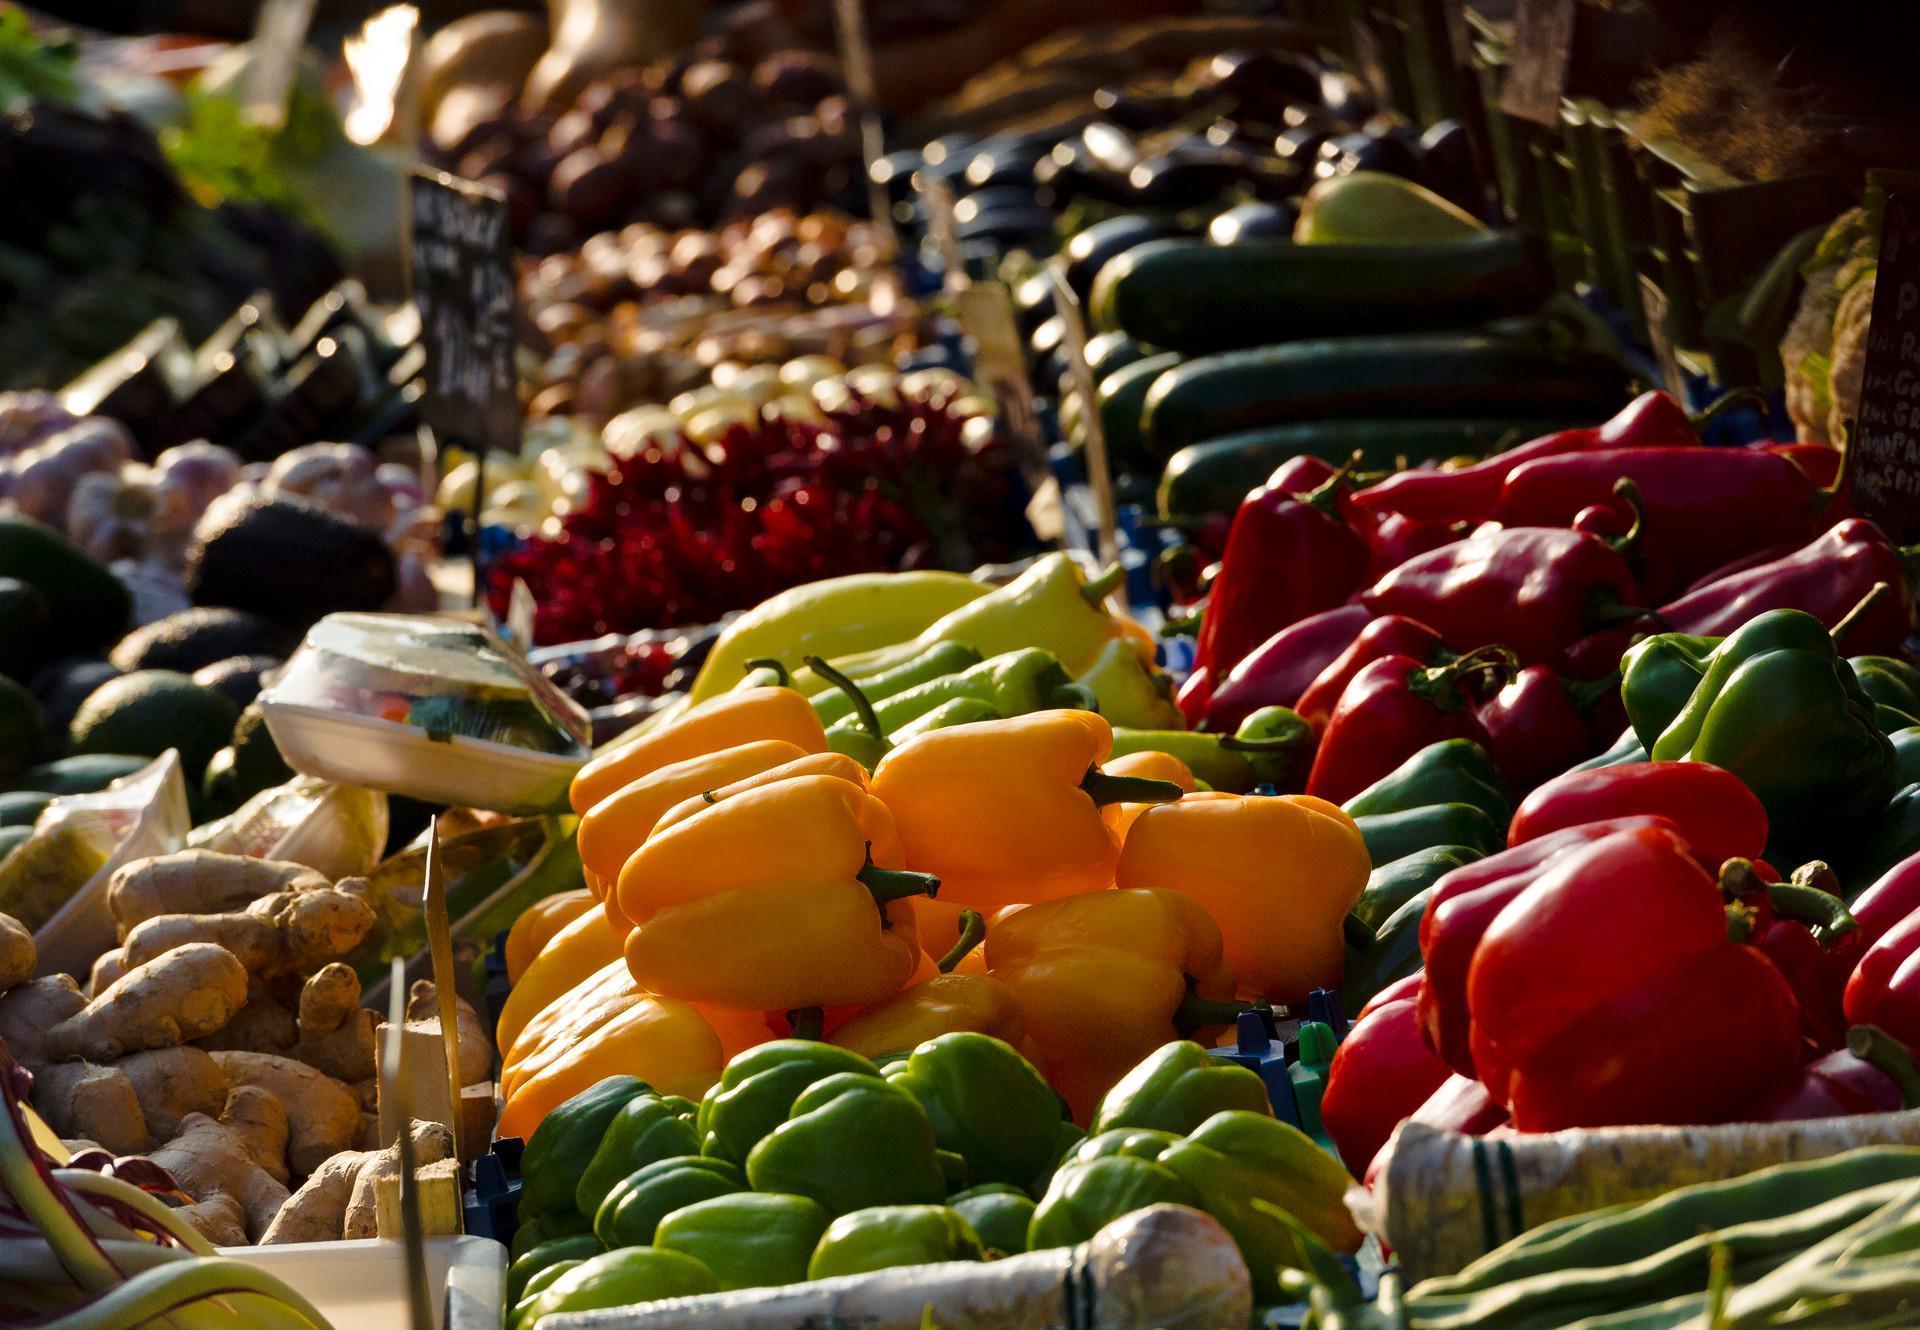 Gemüse und Obst in der Auslage auf dem Markt